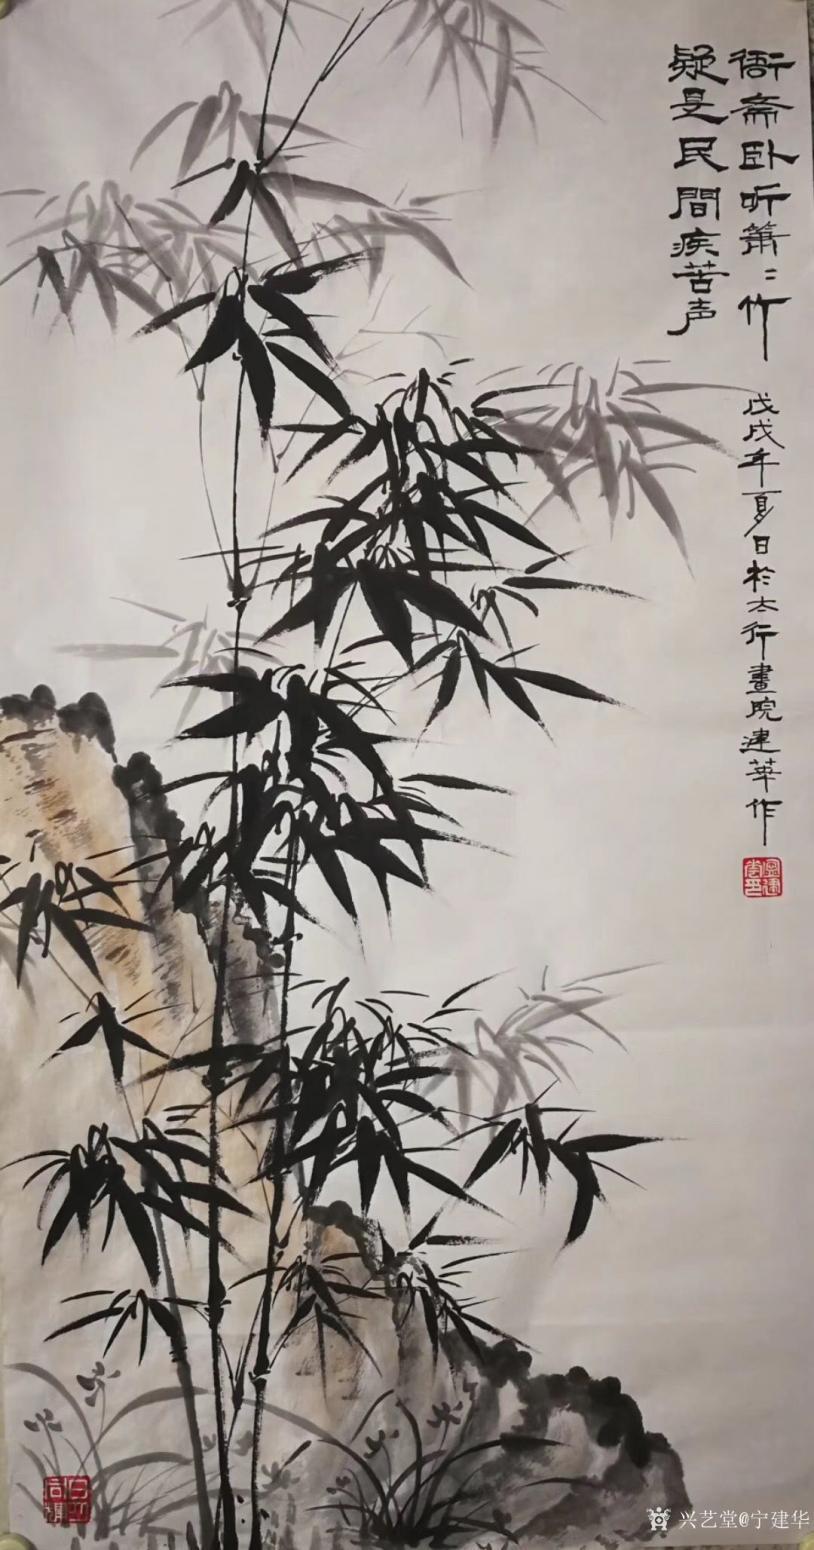 宁建华国画作品《墨竹》【图0】